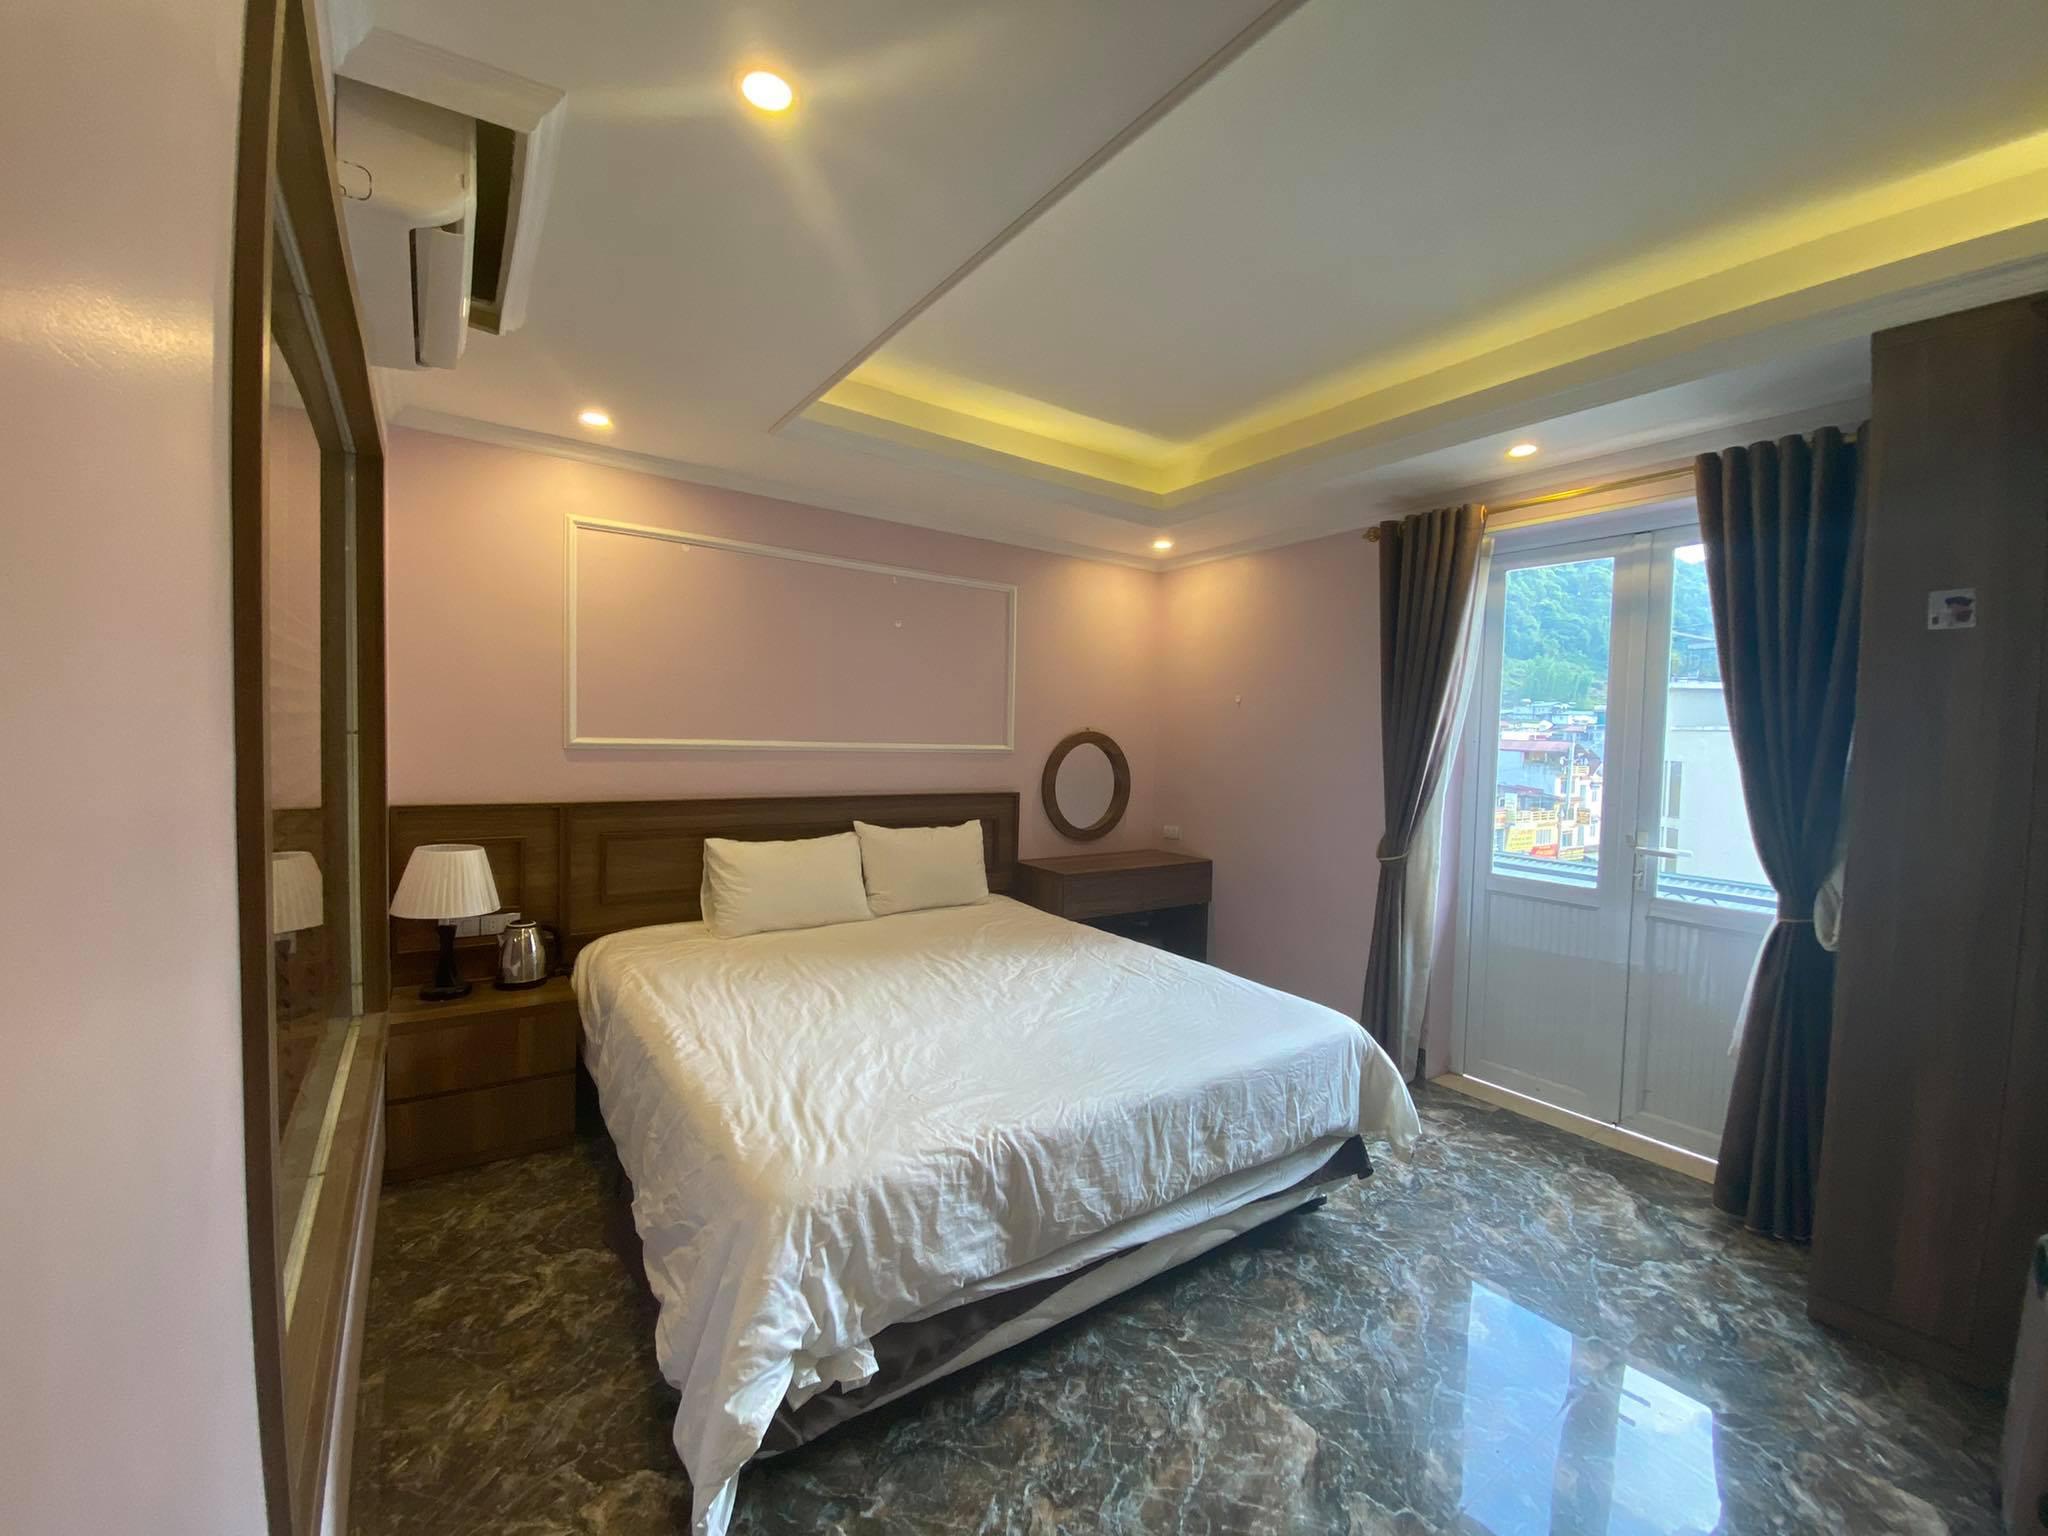 Chăn gối chưa được trải phẳng phiu trong phòng khách sạn Phan Khánh thuê. Ảnh: NVCC.